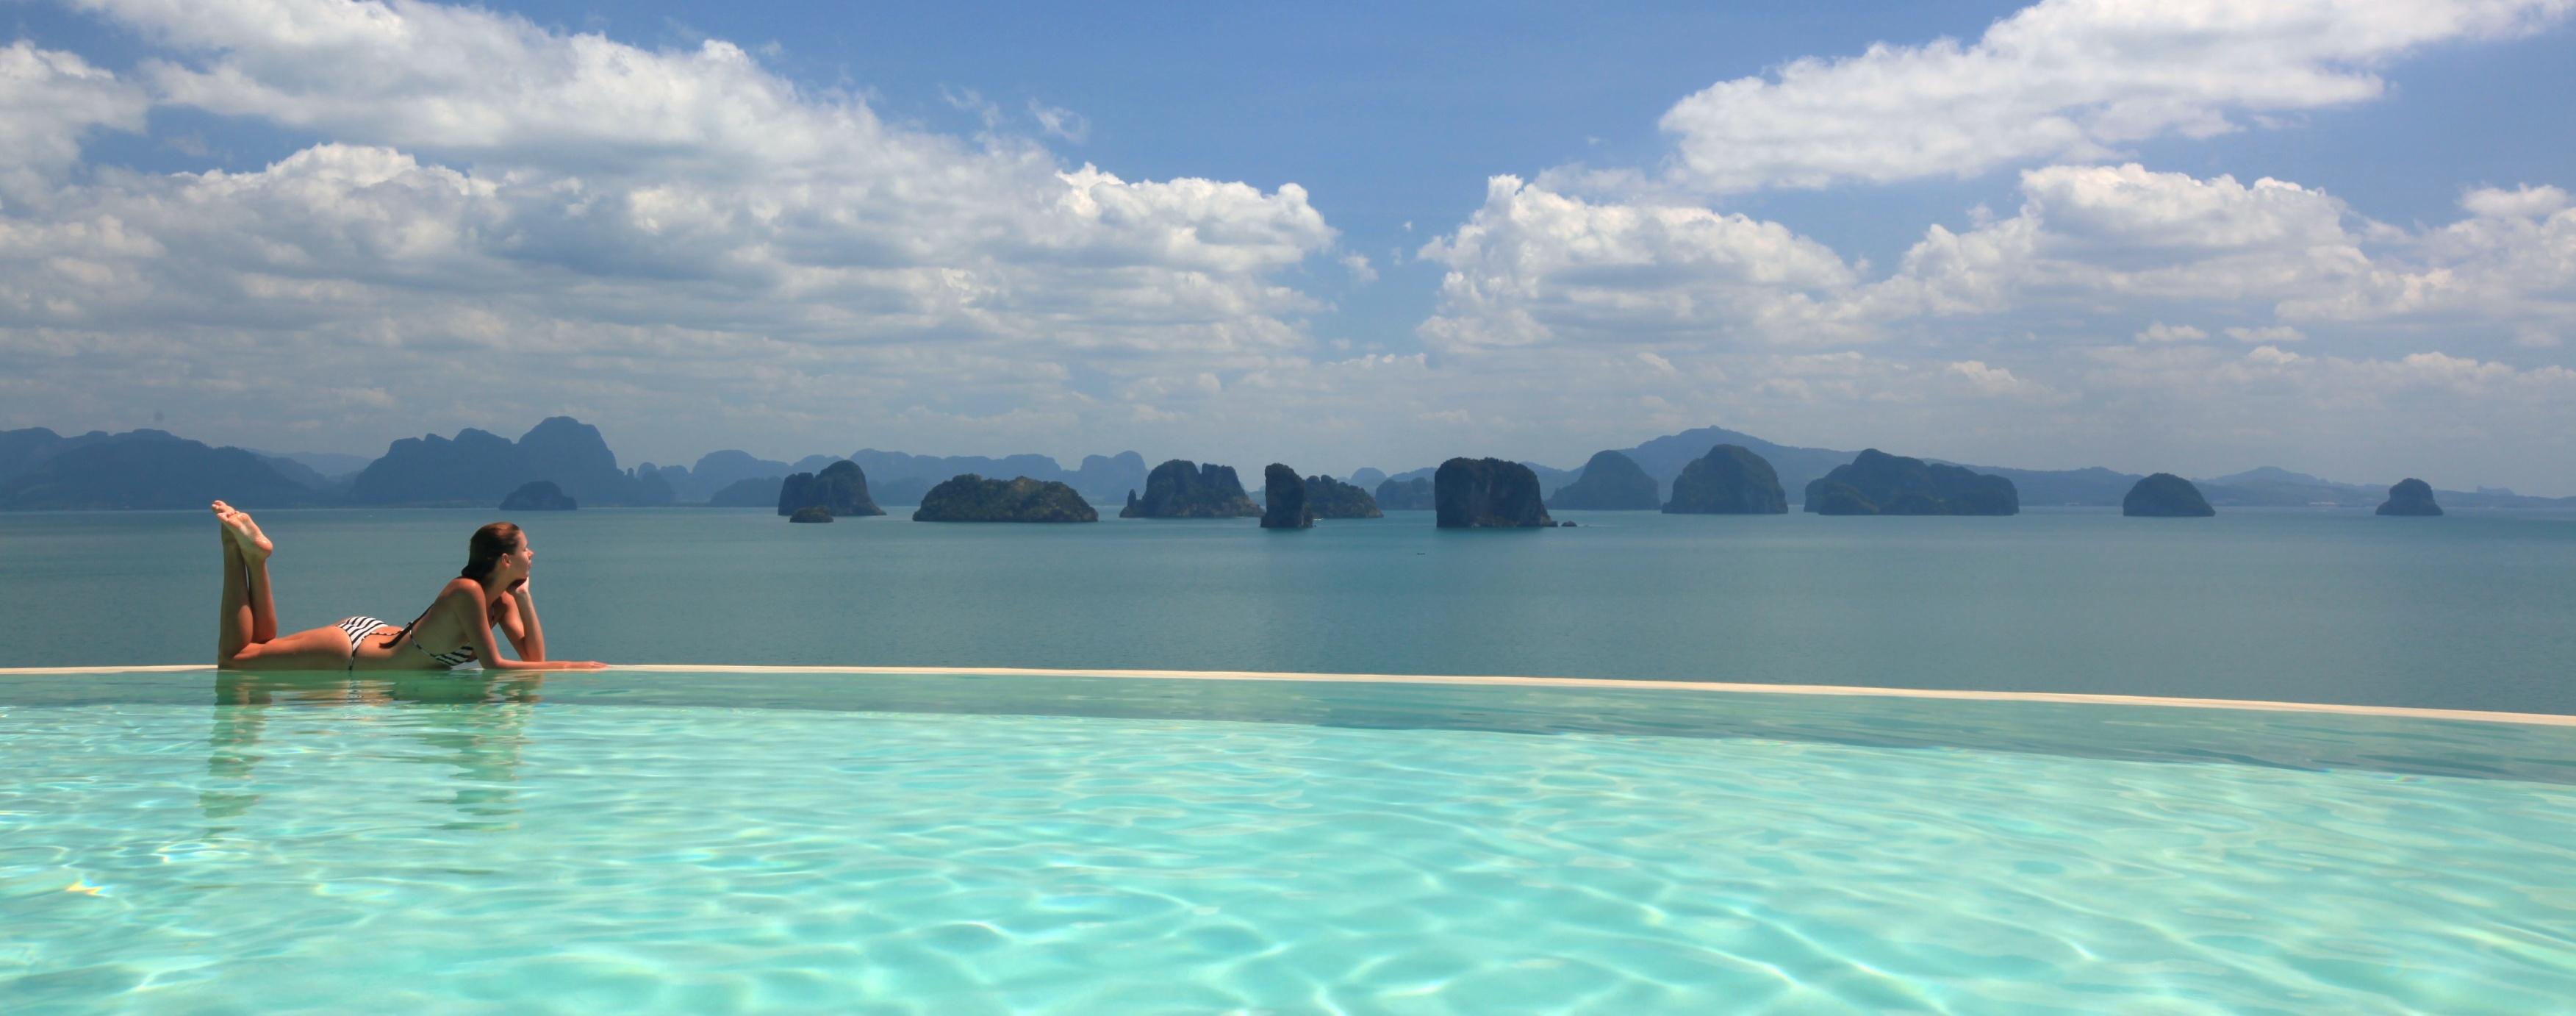 pool-view-phang-nga-bay